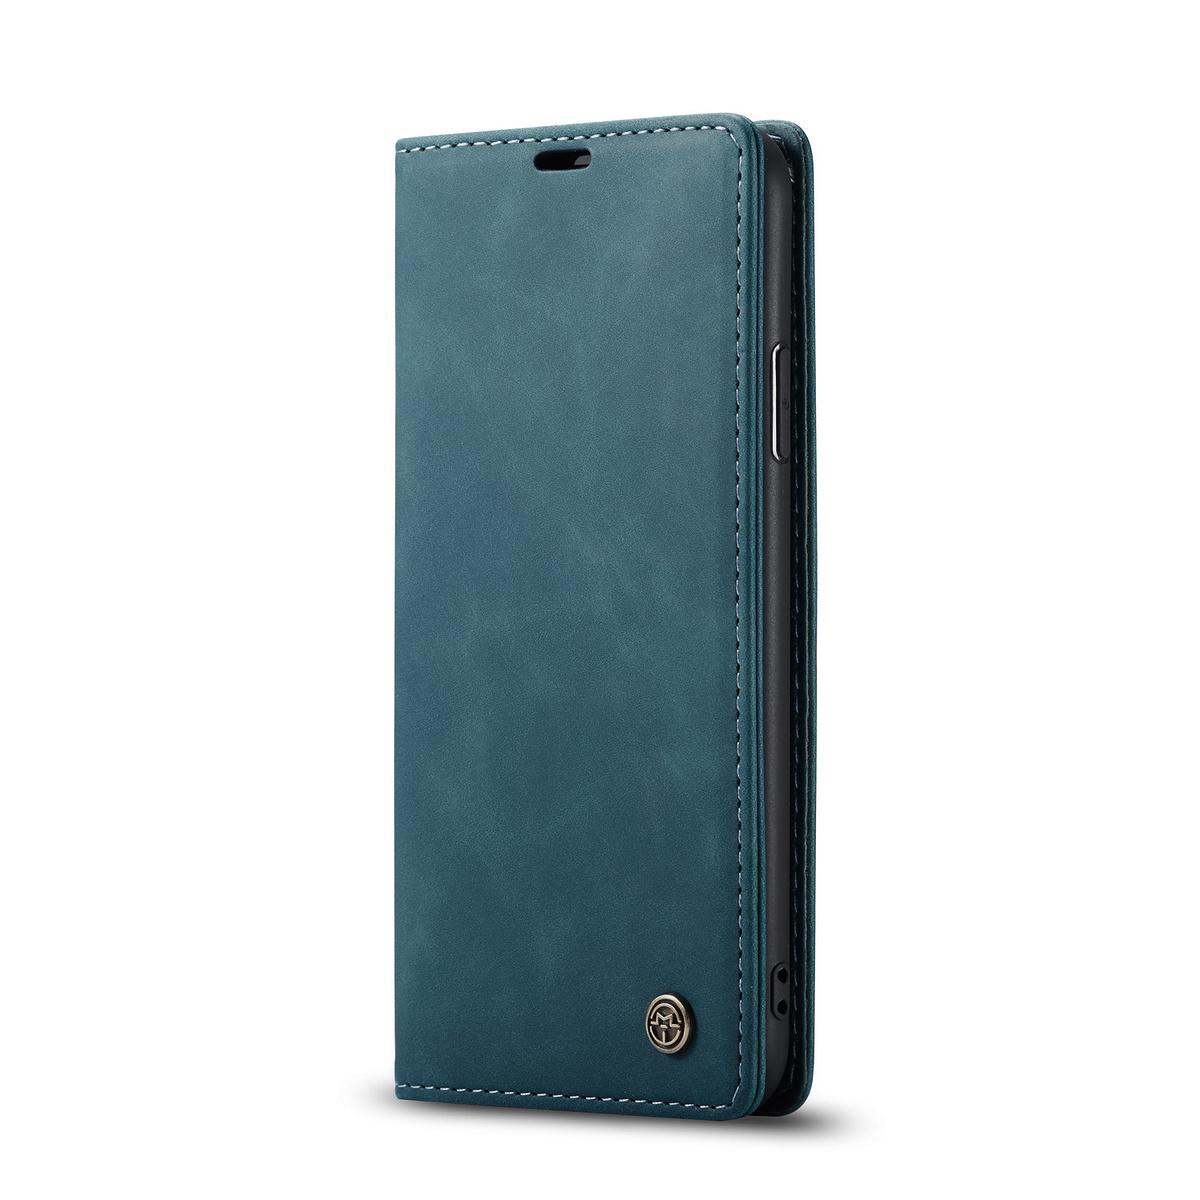 CaseMe plånboksfodral till iPhone 11 Pro, blå